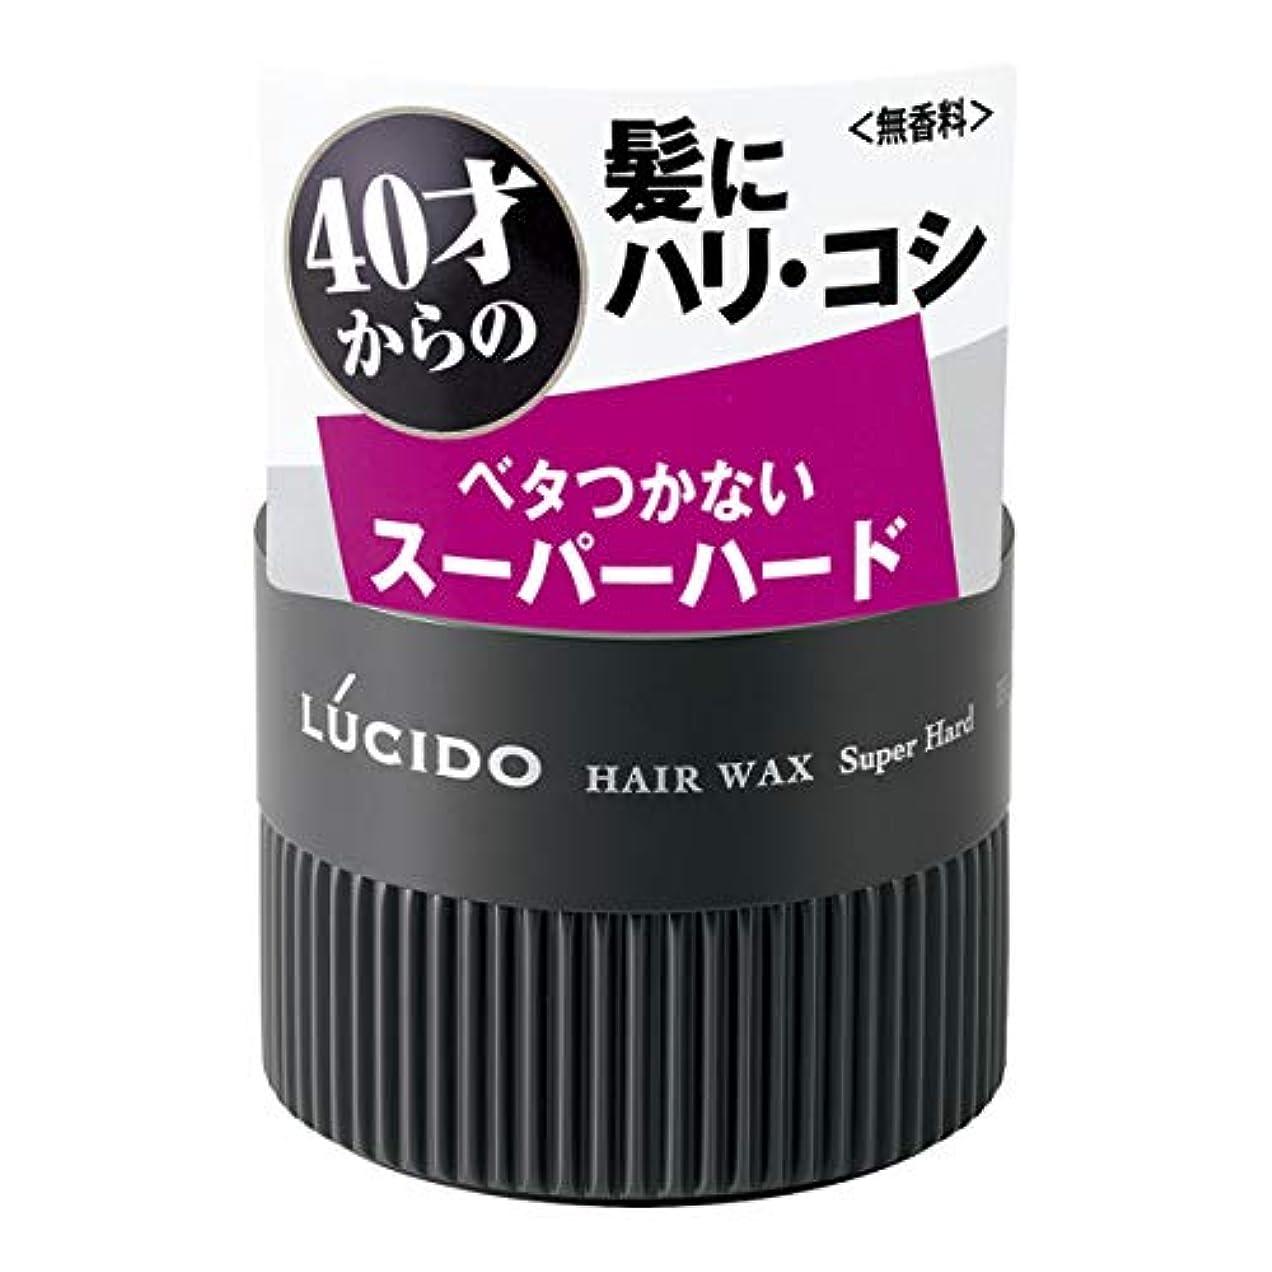 置き場ライン伝染性のLUCIDO(ルシード) ヘアワックス スーパーハード 80g